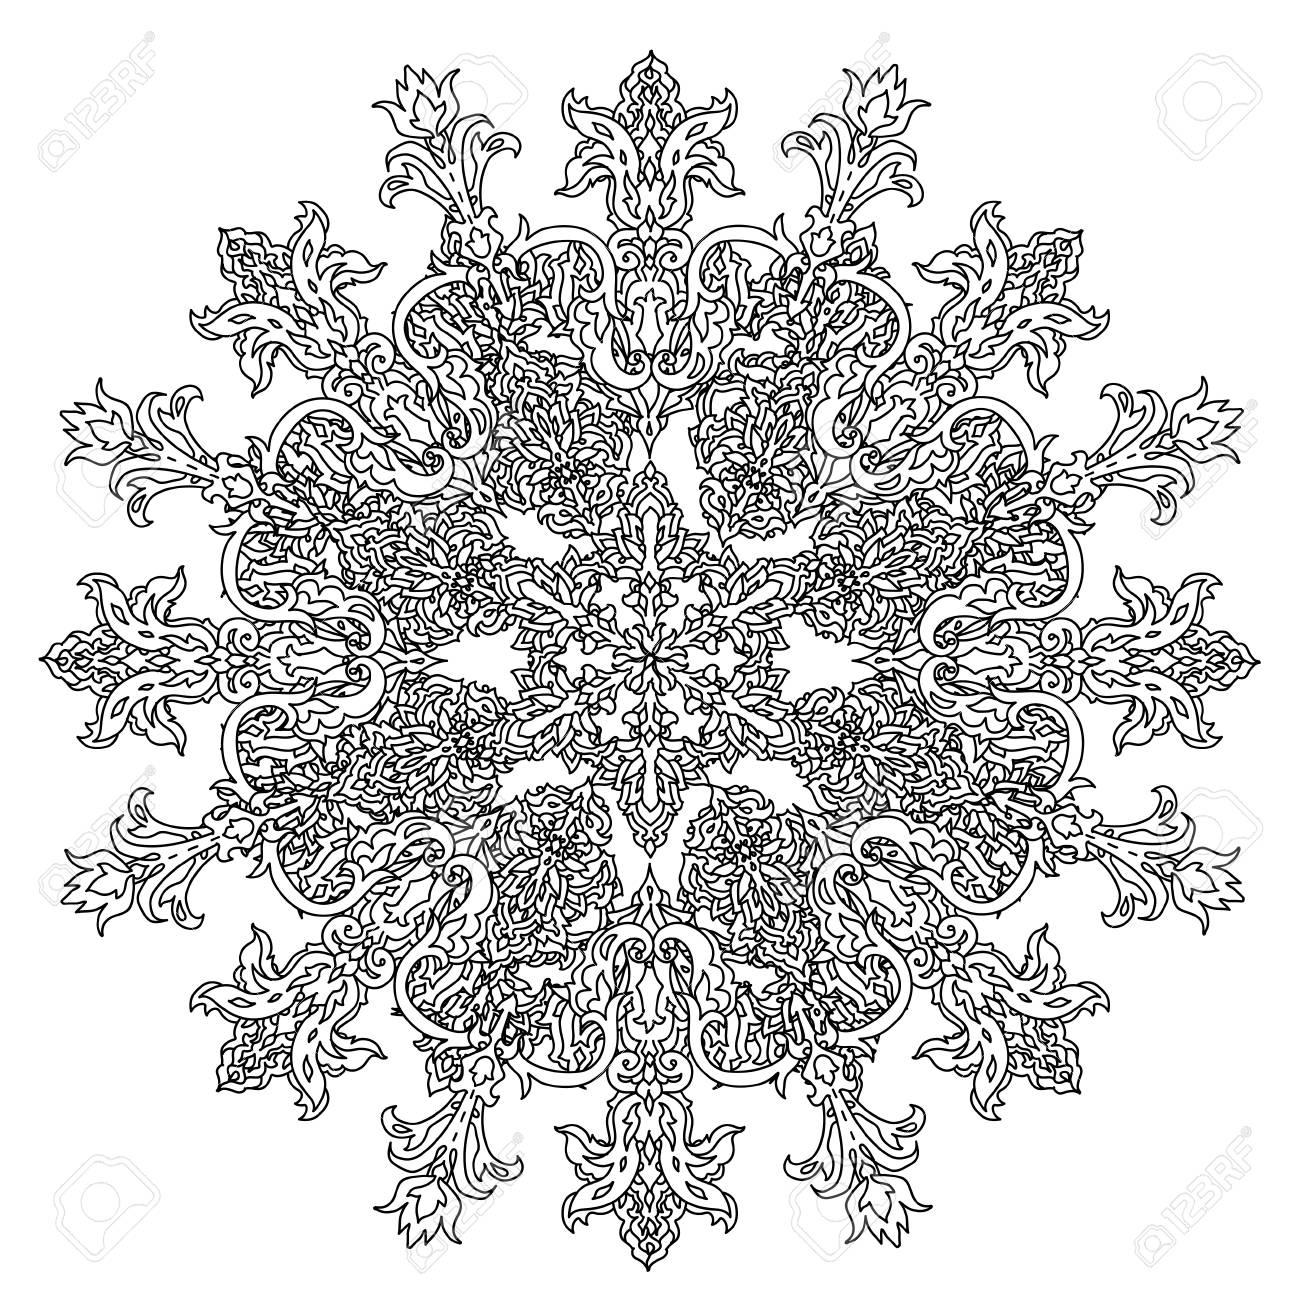 flocons de neige profilées en forme de mandala pour livre de coloriage adulte ou style art